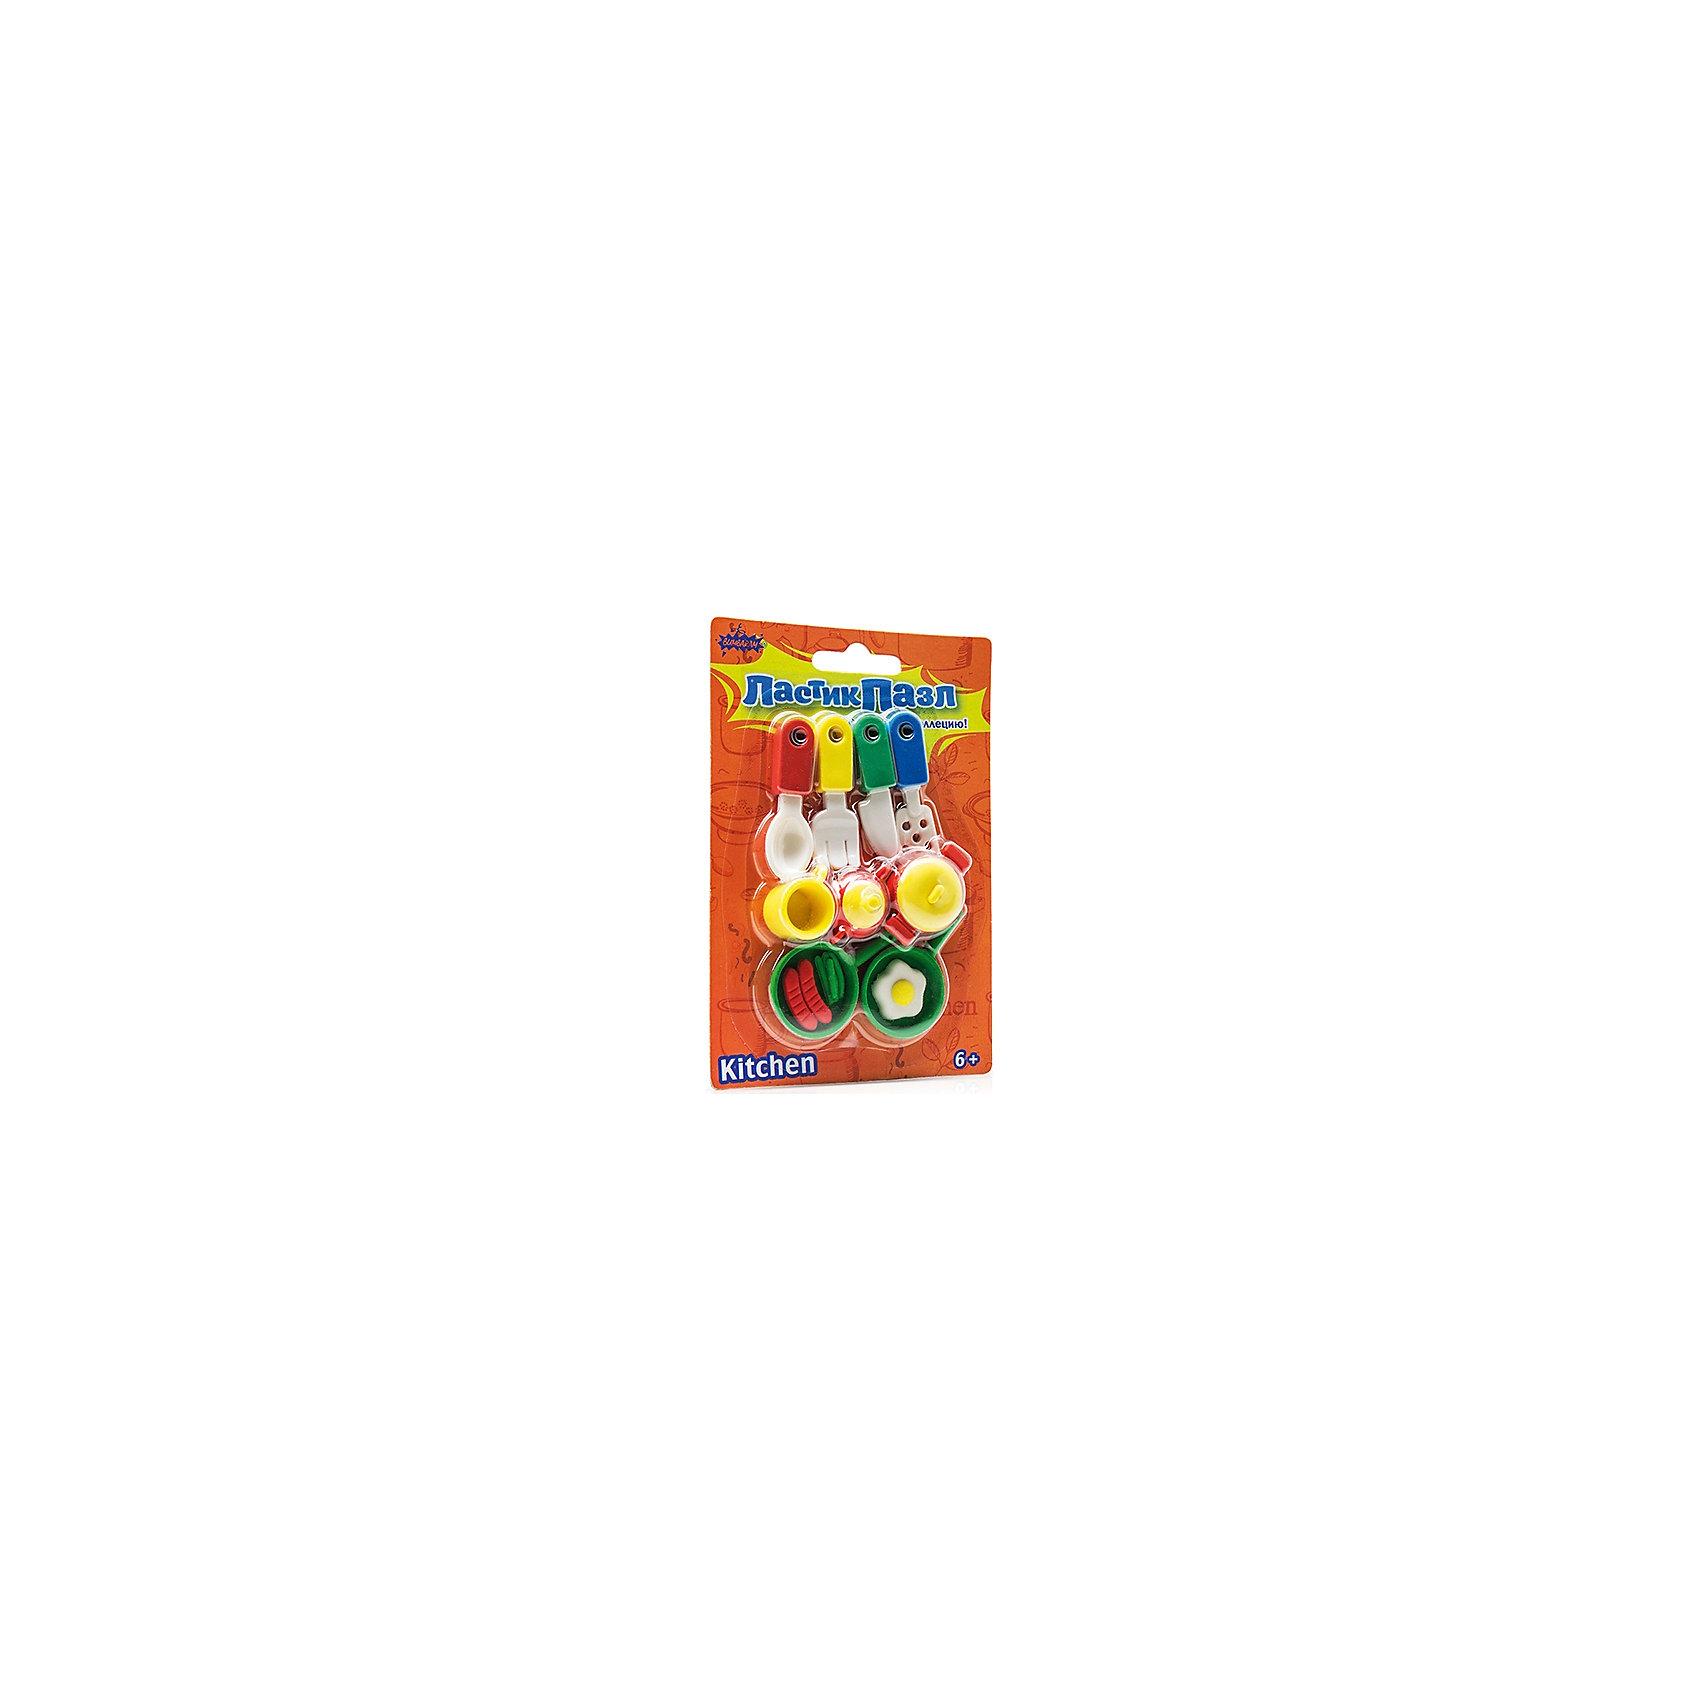 Набор Ластик-Пазл - Кухня БумбарамНабор Ластики-пазлы на блистере Посуда для кухни, Бумбарам.<br><br>Характеристики:<br><br>• качественный ластик<br>• каждый ластик состоит из нескольких пазлов<br>• развивает внимательность, усидчивость и мелкую моторику<br>• яркий дизайн<br>• материал: резина<br>• размер фигурок: 2-4 см<br>• размер упаковки: 13,5х9,5 см<br>• вес: 85 грамм<br><br>Набор Ластики-пазлы на блистере Посуда для кухни содержит 9 различных атрибутов для каждой кухни. Все фигурки можно разобрать, а затем снова собрать пазл. Это поможет развить мелкую моторику, внимательность и логику. Такие универсальные ластики пригодятся каждому ребенку!<br><br>Набор Ластики-пазлы на блистере Посуда для кухни, Бумбарам вы можете купить в нашем интернет-магазине.<br><br>Ширина мм: 135<br>Глубина мм: 95<br>Высота мм: 50<br>Вес г: 85<br>Возраст от месяцев: 72<br>Возраст до месяцев: 144<br>Пол: Женский<br>Возраст: Детский<br>SKU: 5054010